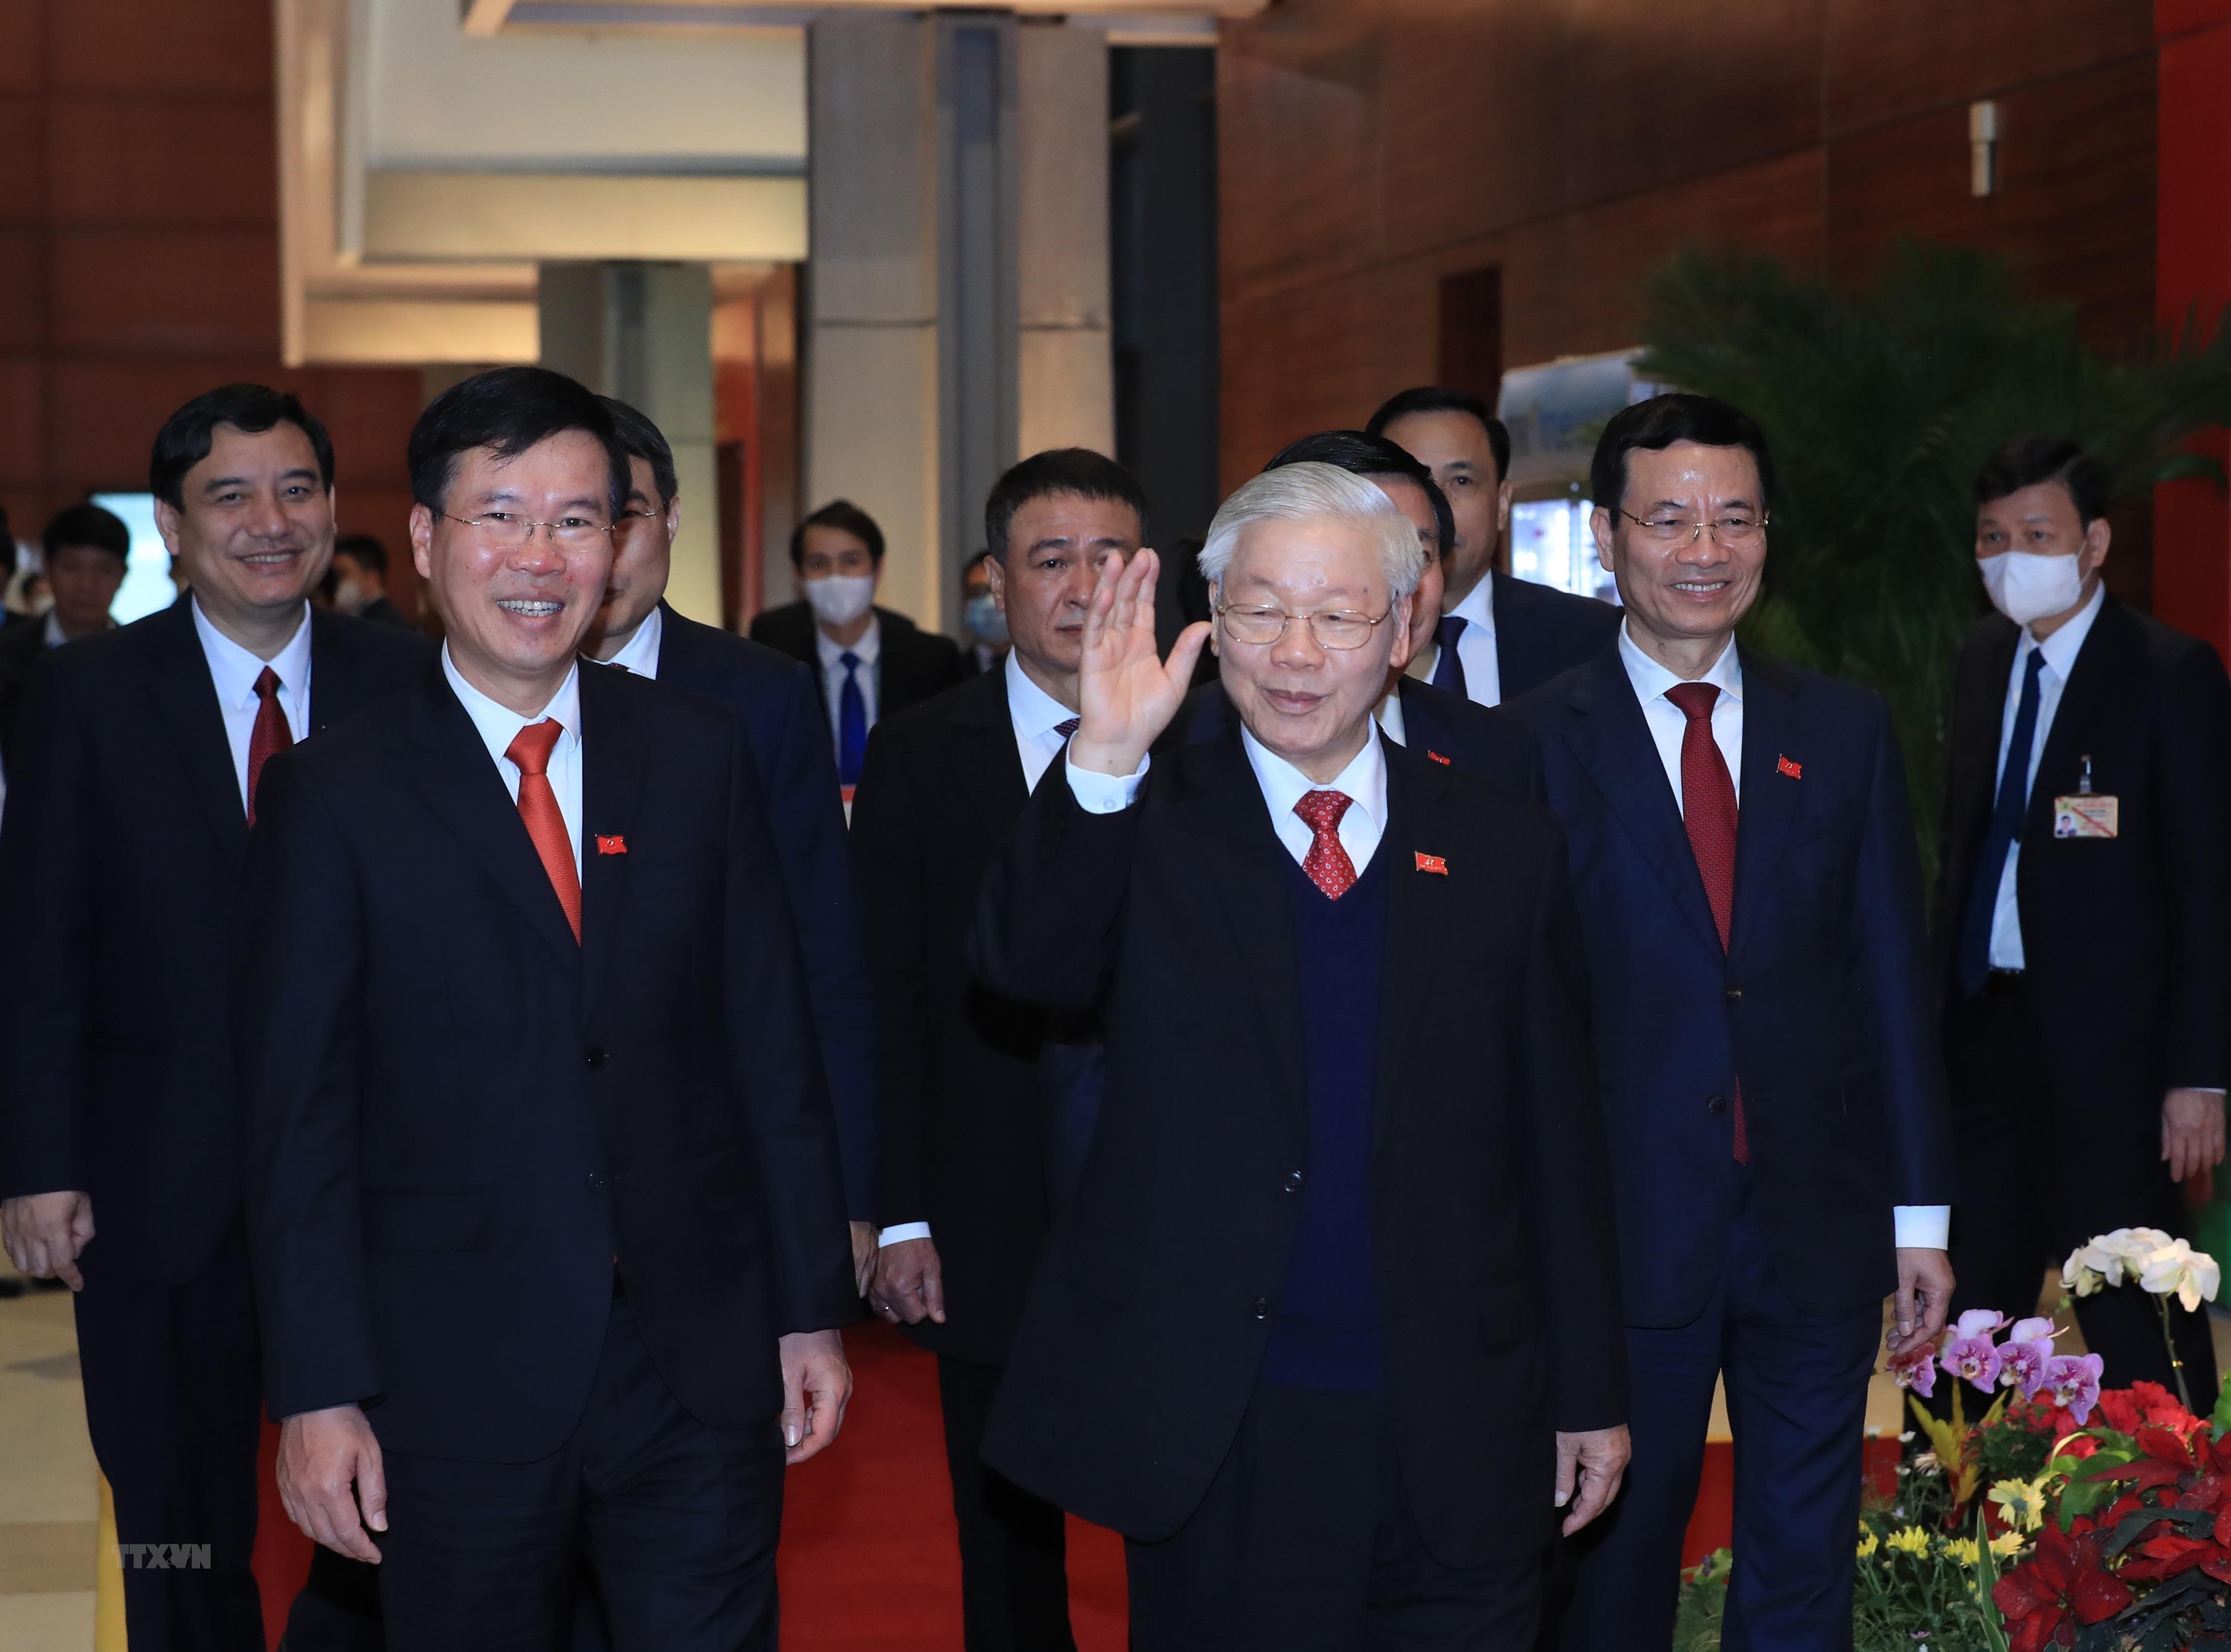 Đồng chí Nguyễn Phú Trọng, Tổng Bí thư Ban Chấp hành Trung ương Đảng khóa XIII, Chủ tịch nước CHXHCN Việt Nam đến dự buổi họp báo